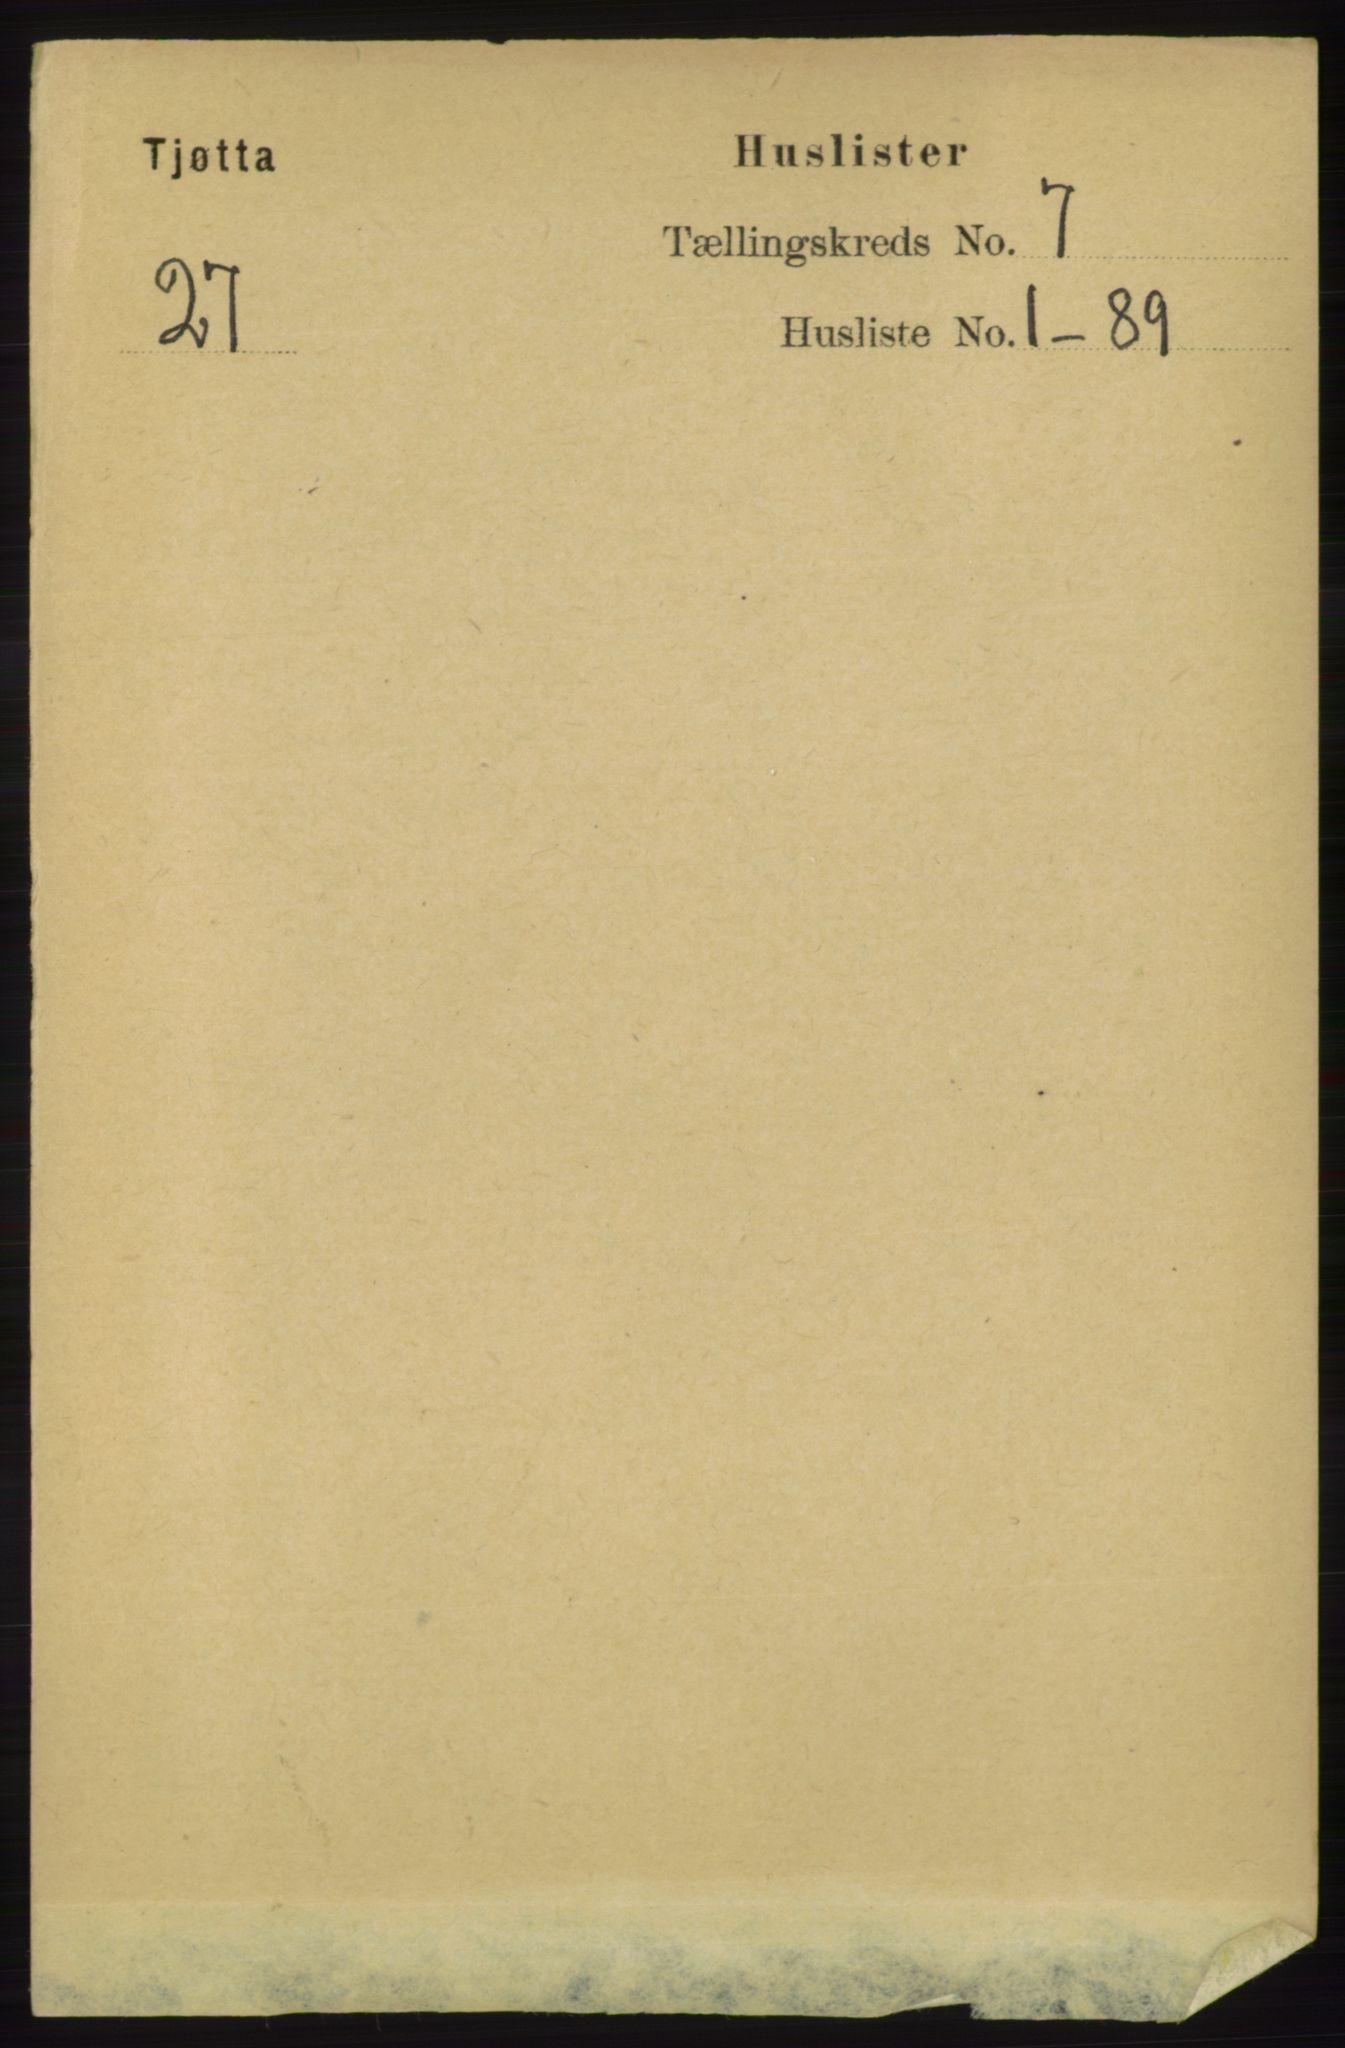 RA, Folketelling 1891 for 1817 Tjøtta herred, 1891, s. 3522